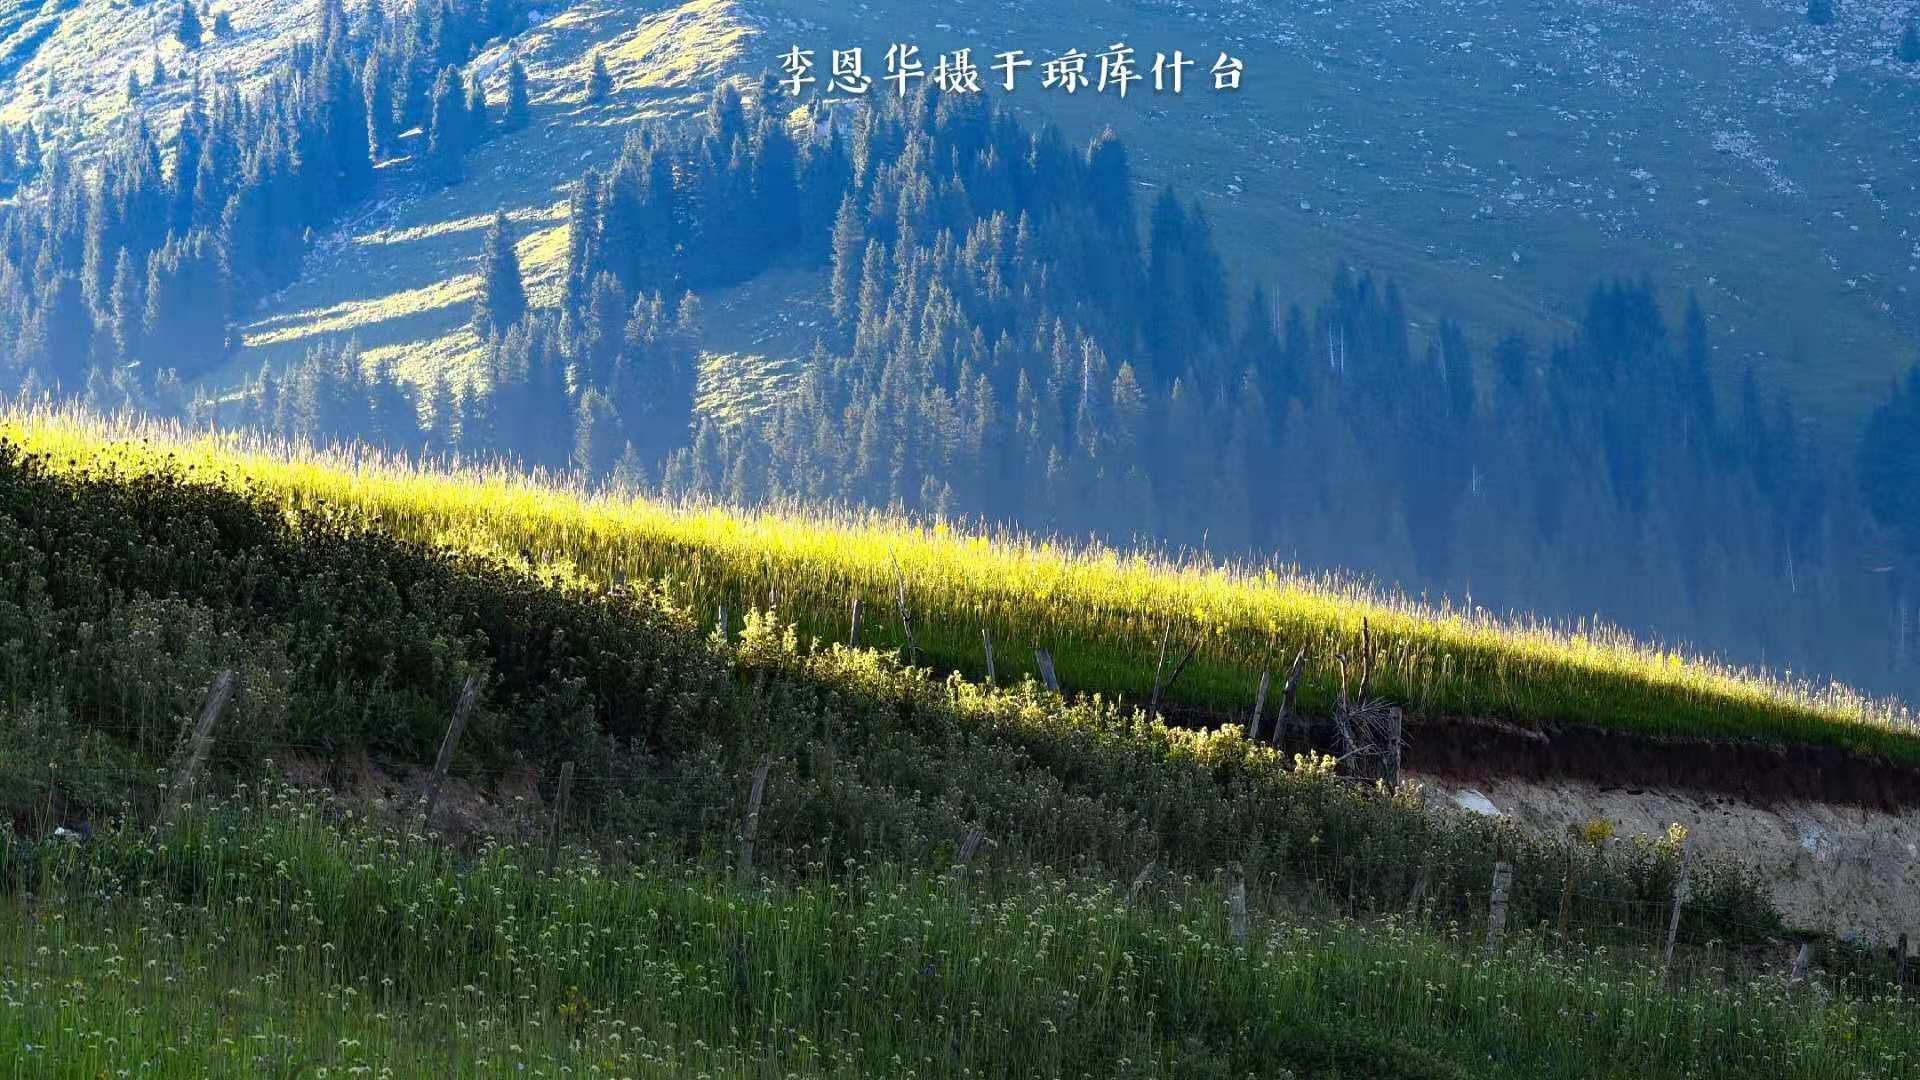 房車游中國:天山腳下的世外桃源,新疆的歷史古村瓊庫什臺